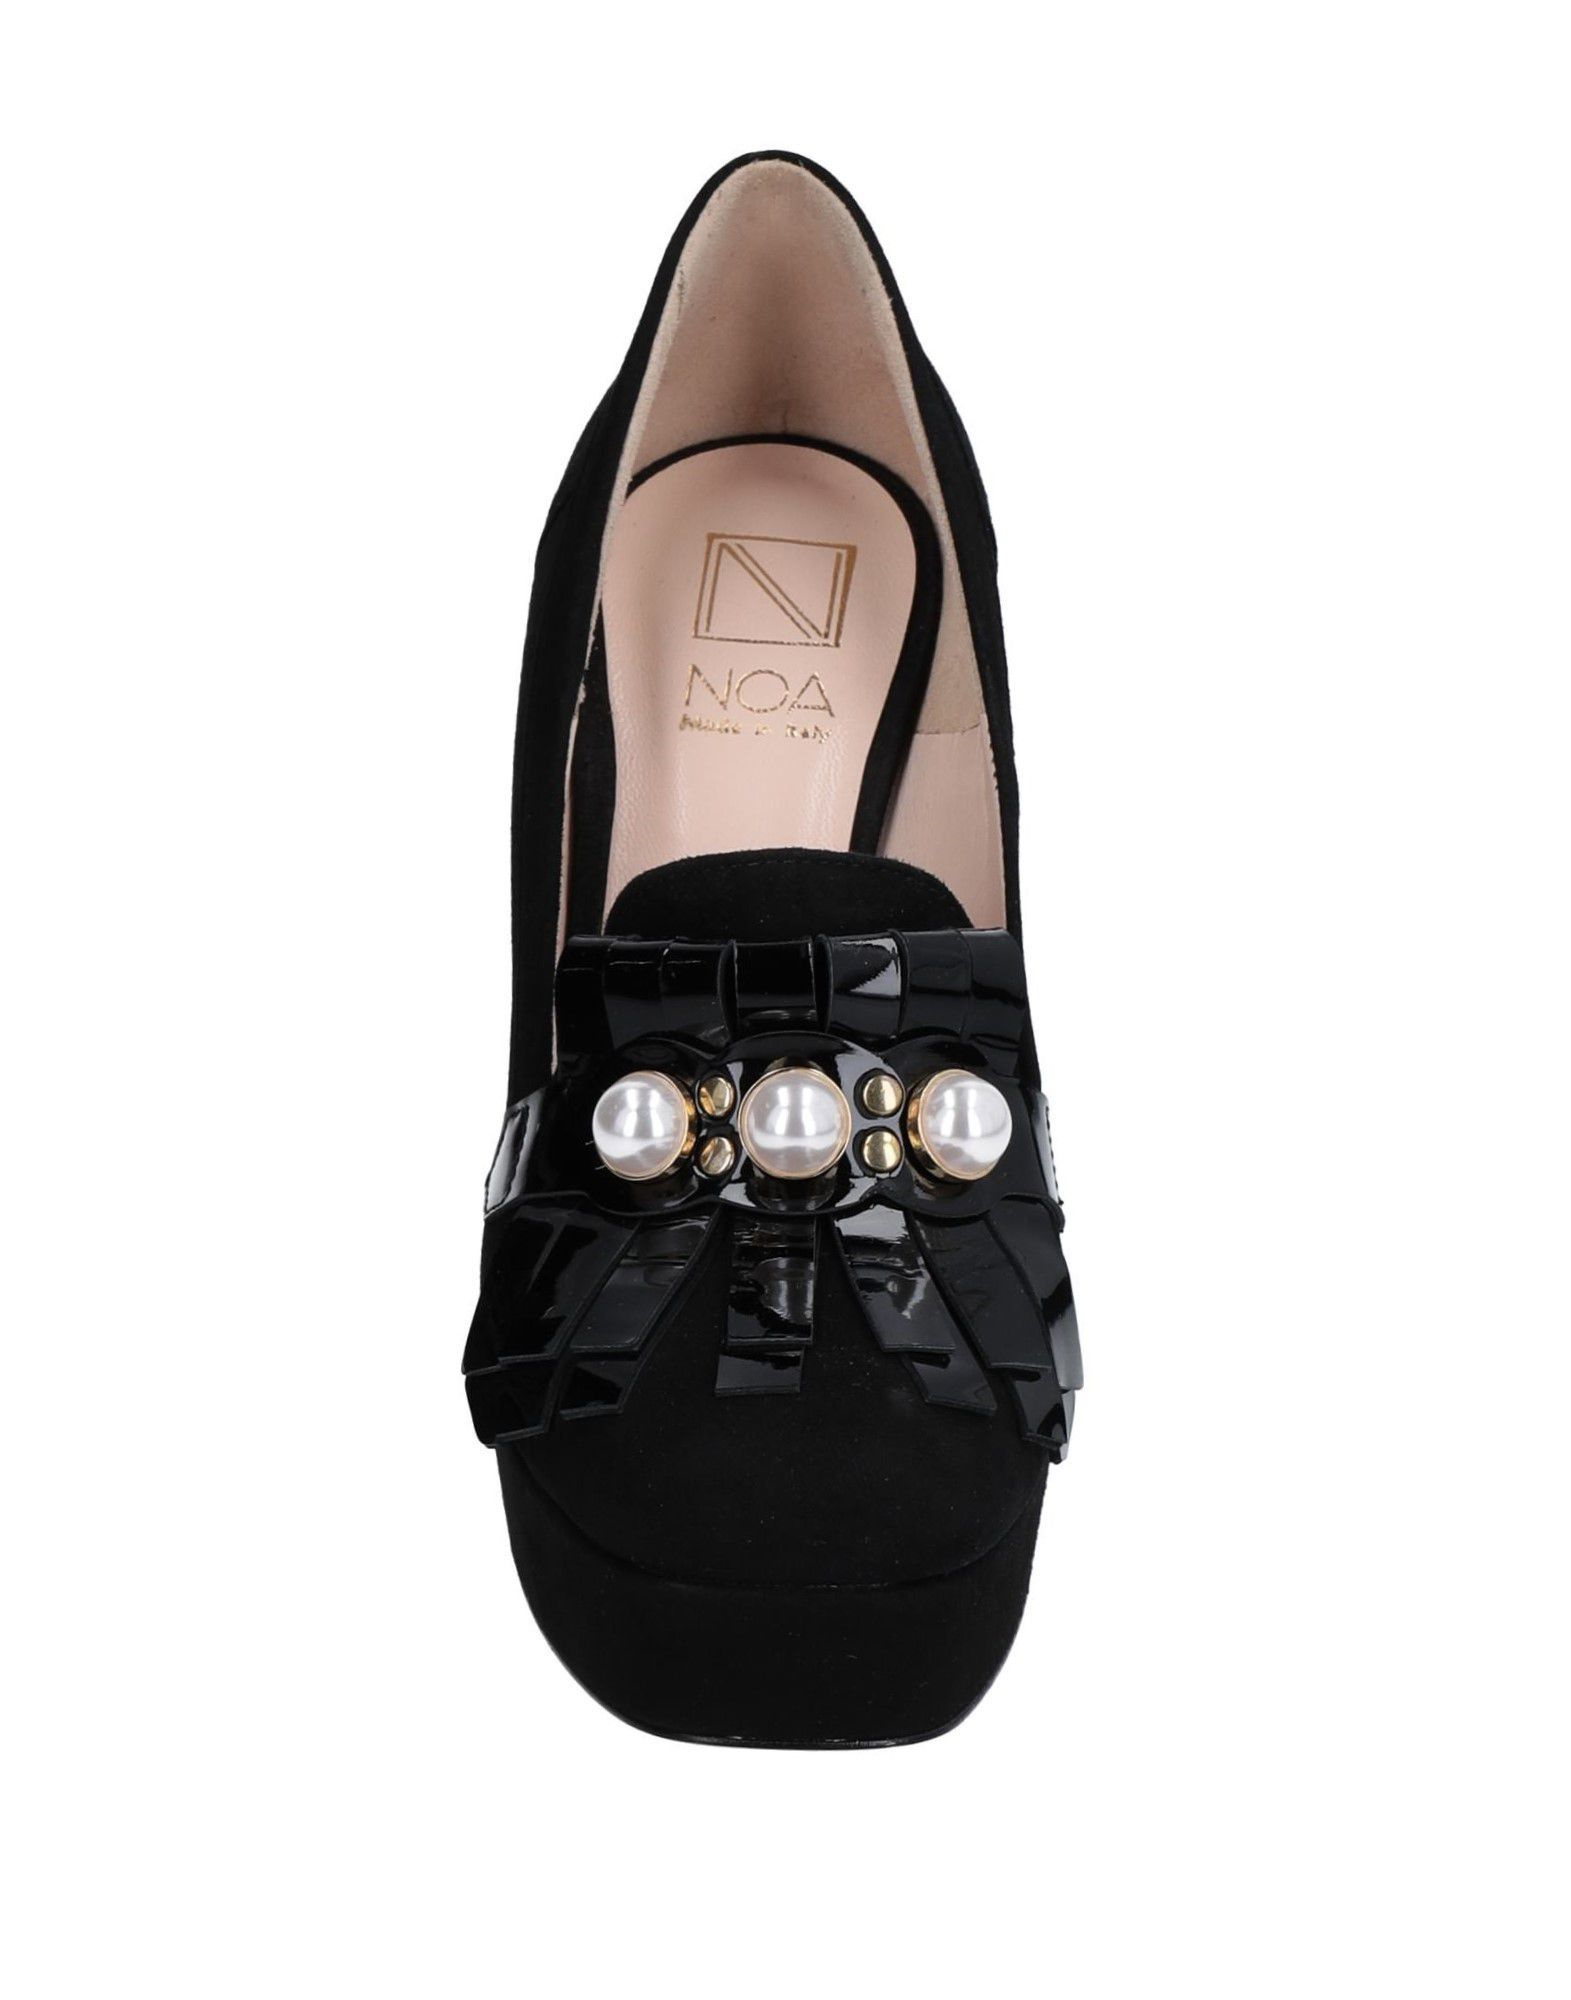 Stilvolle billige Schuhe Noa Mokassins 11525421FI Damen  11525421FI Mokassins ea083c